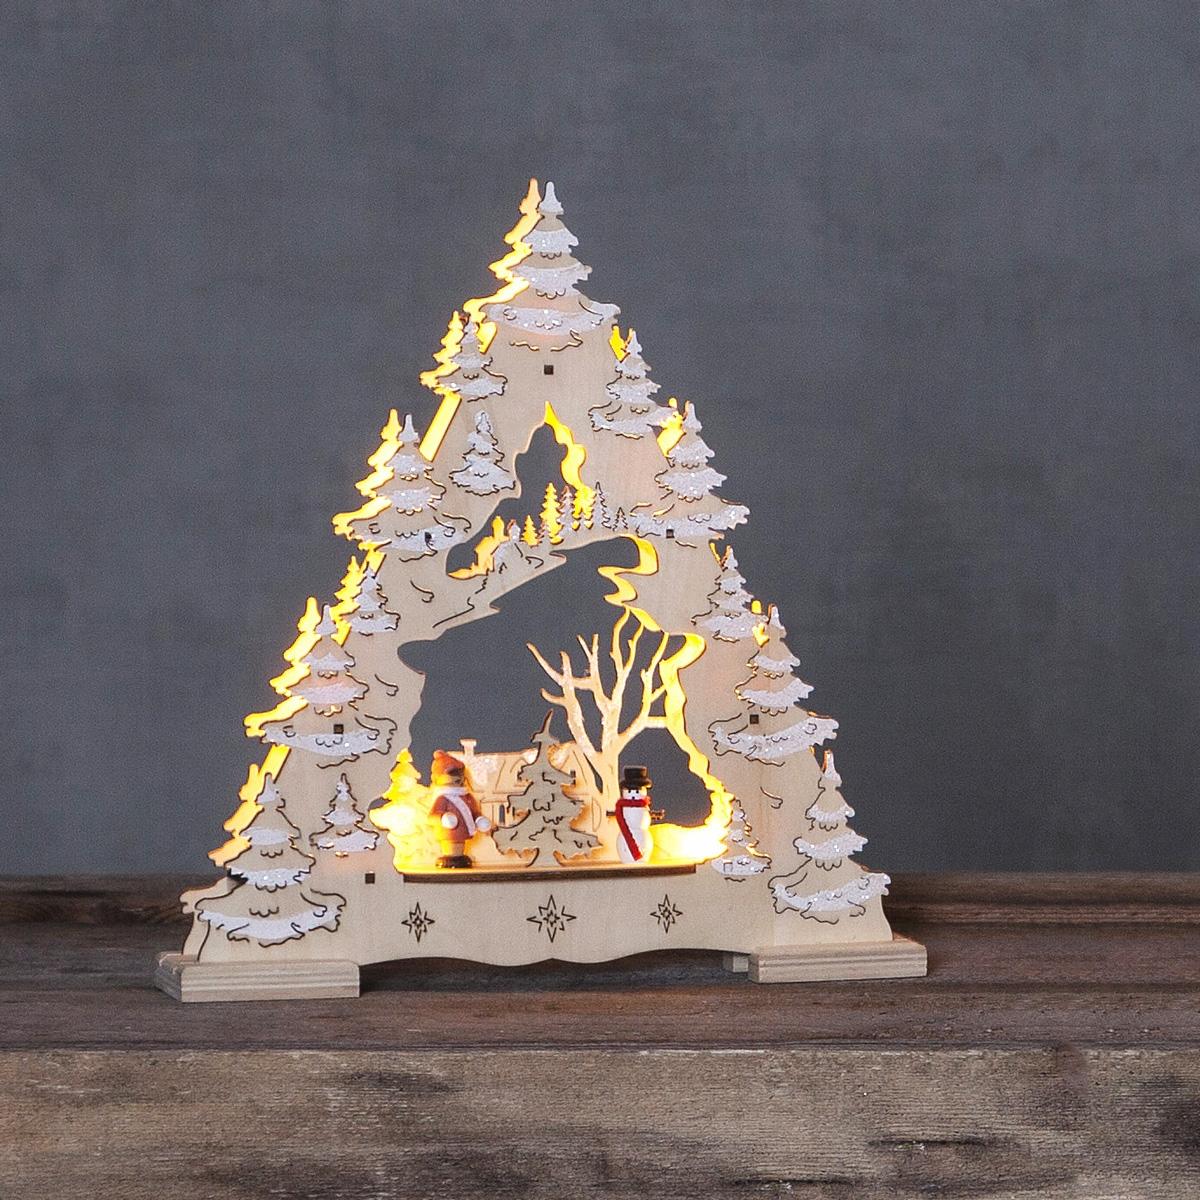 Elljusstake i laserutskuret trä i form av en gran med tomte och snögubbe framför hus